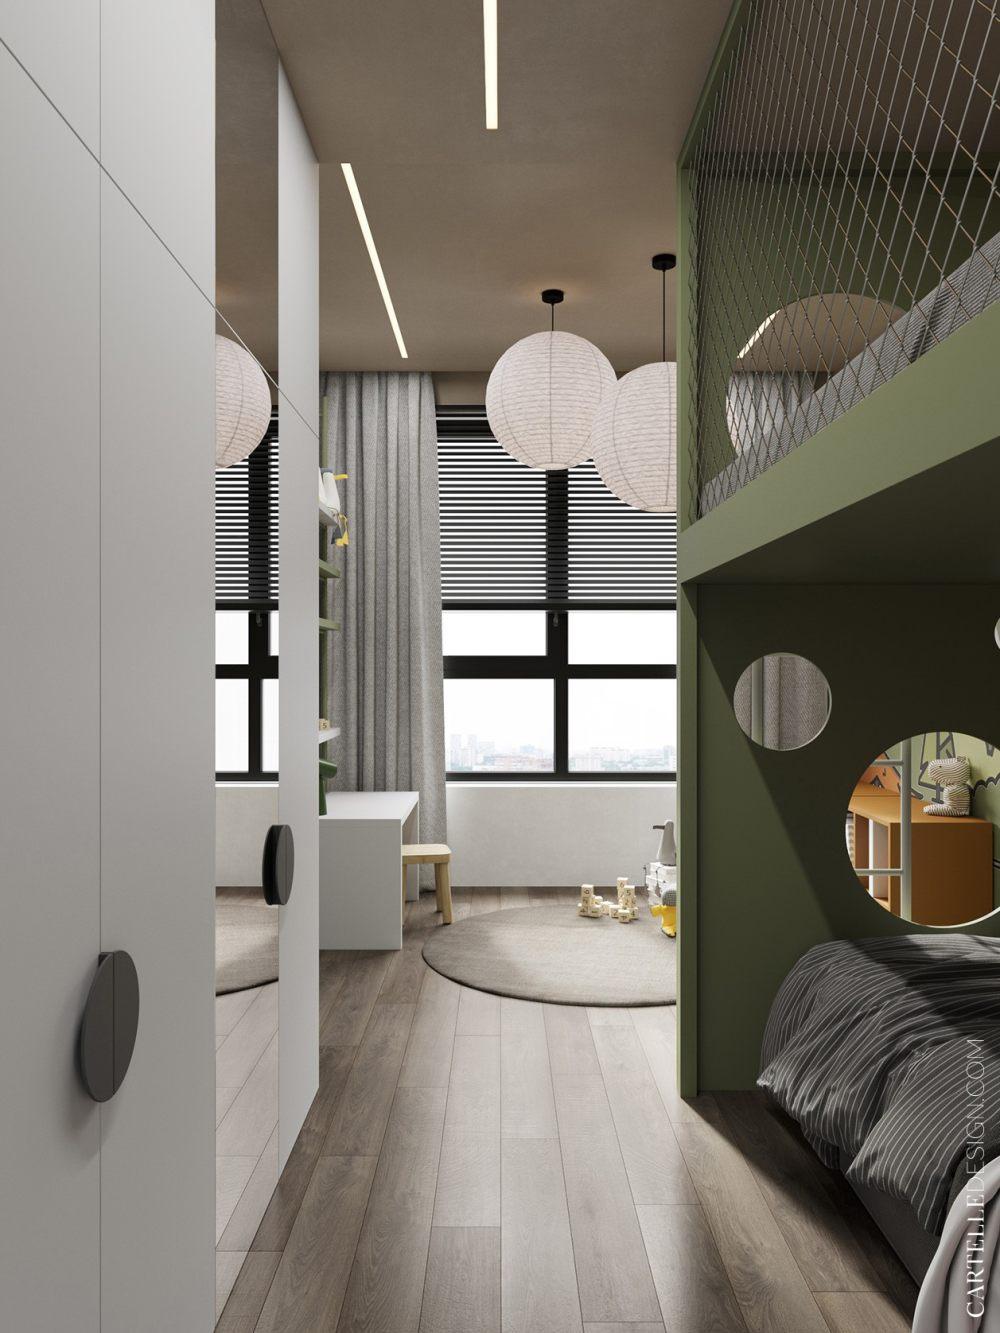 cartelledesign_metropolis_37.jpg